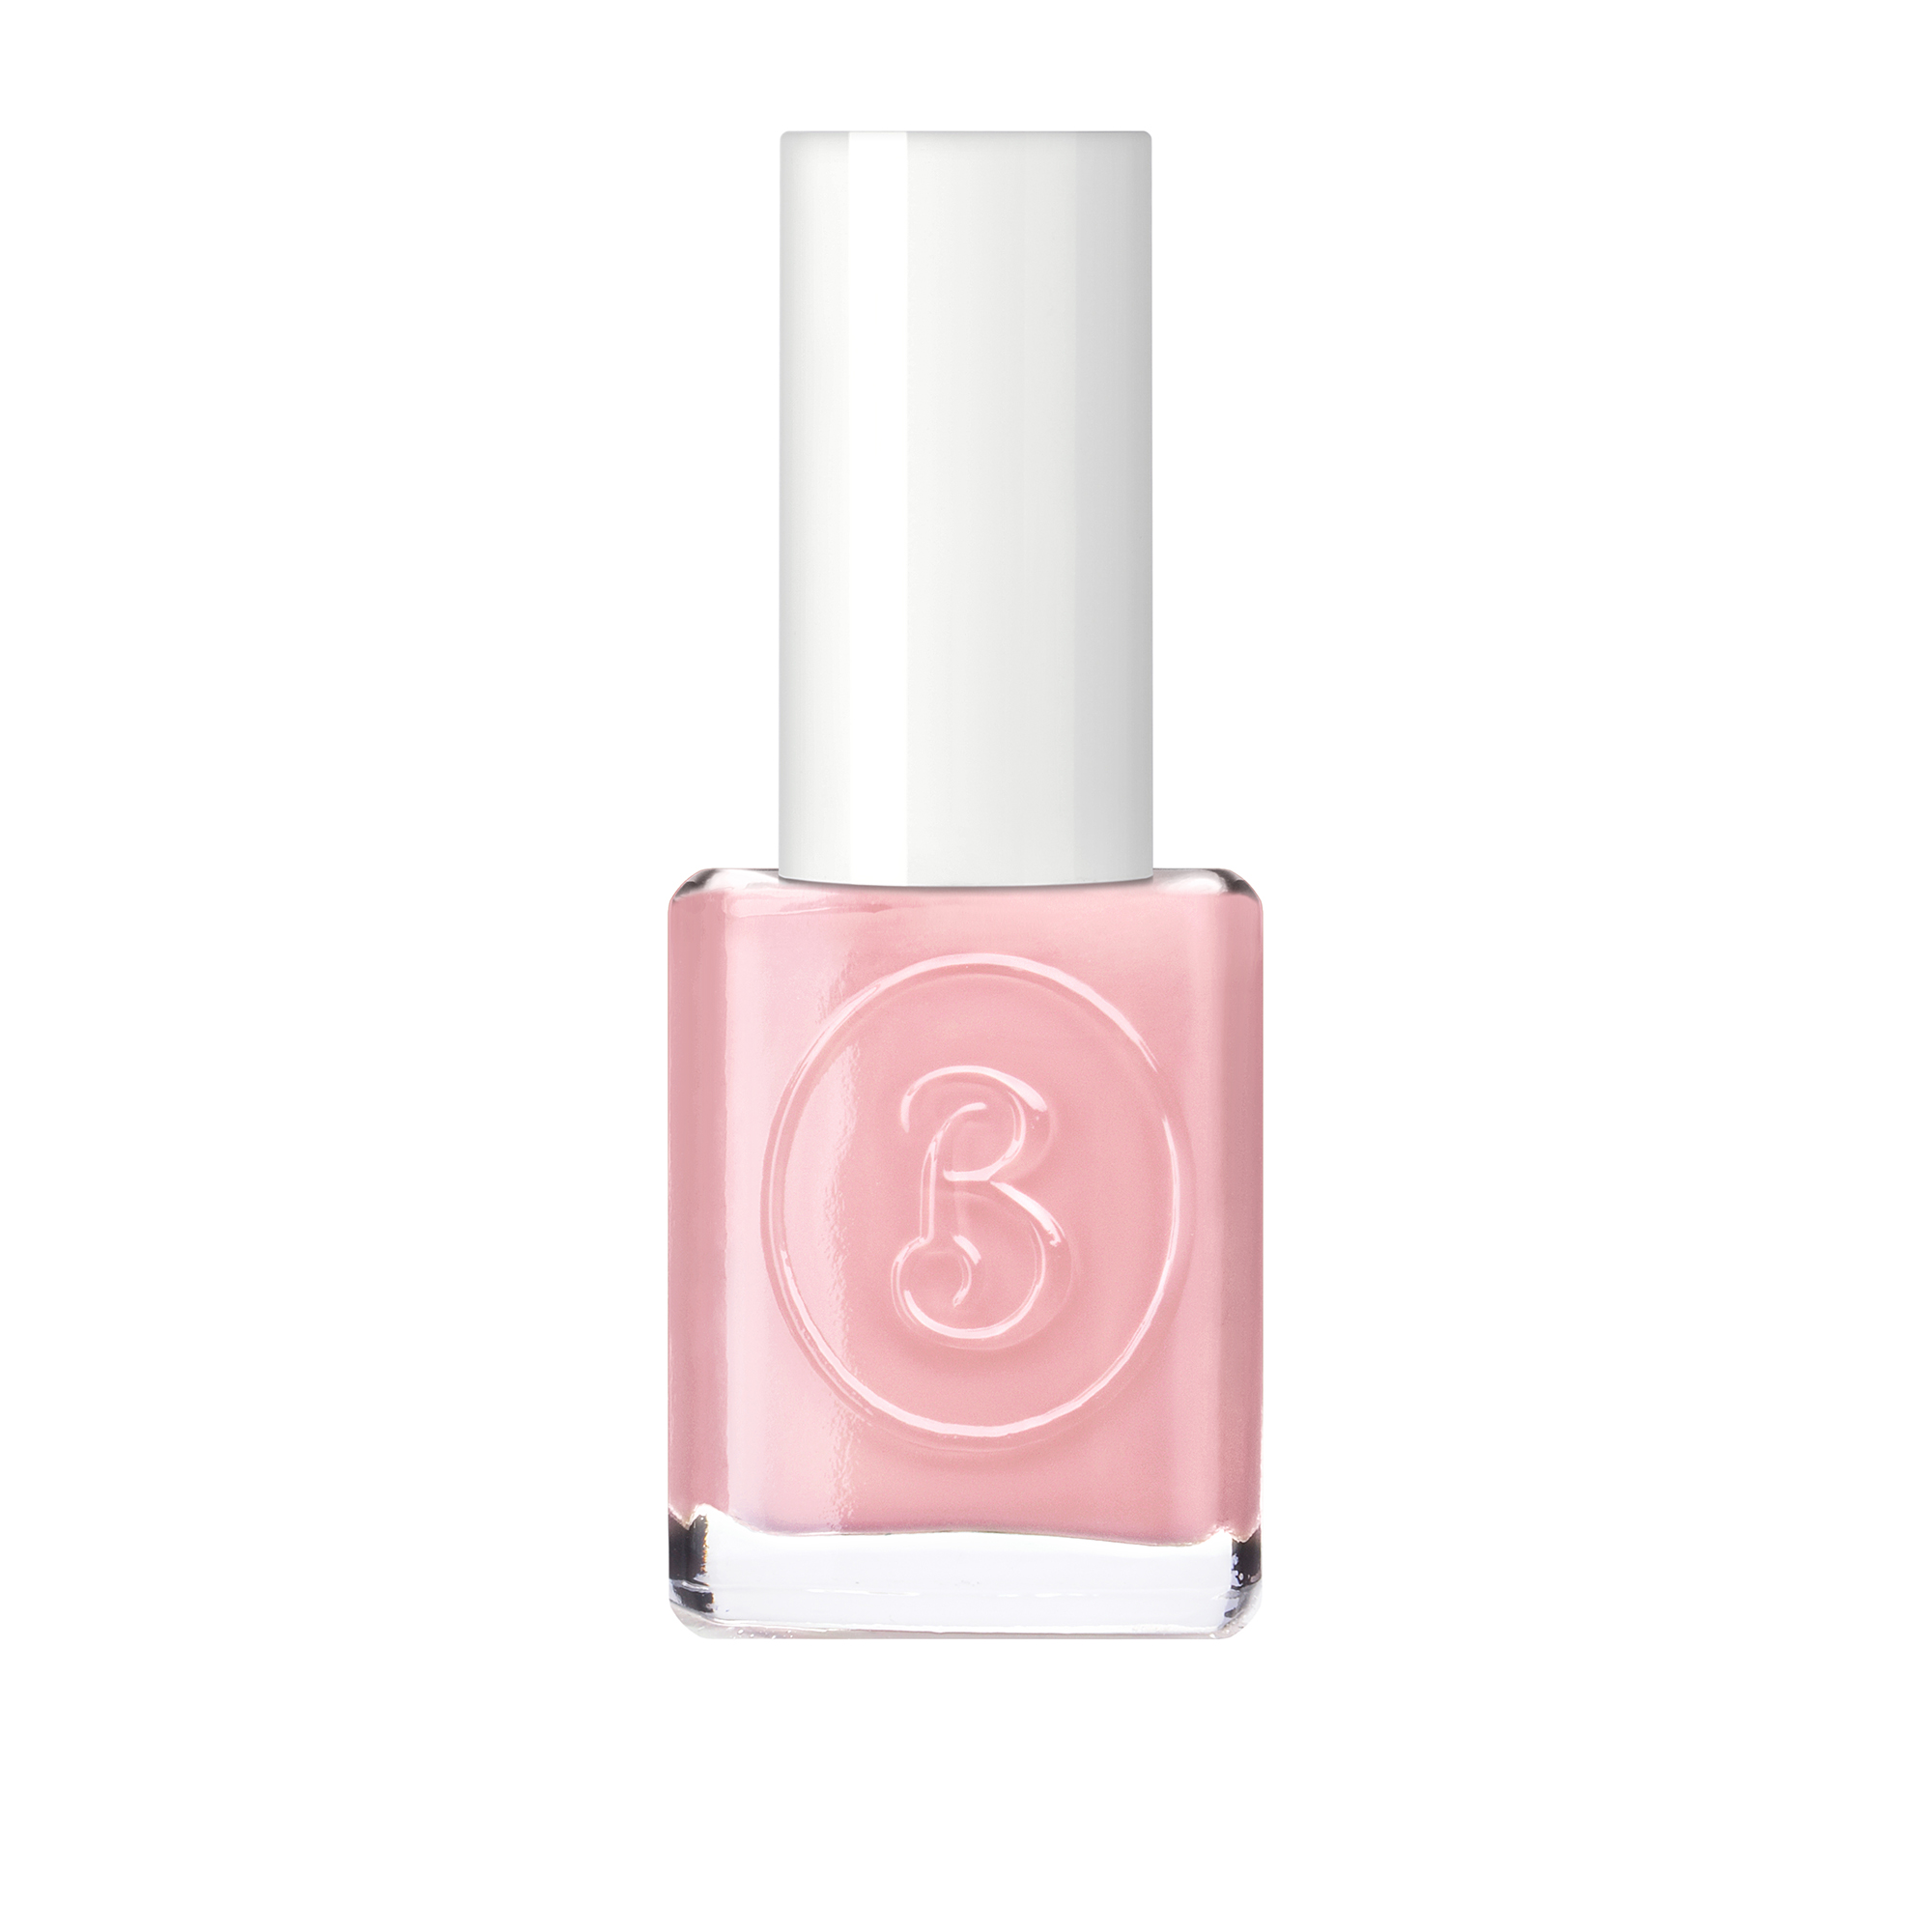 BERENICE Лак для ногтей розовый французский тон 36 pink french / BERENICE 16 млЛаки<br>Революционное открытие в области красоты ногтей на основе высоких швейцарских технологий    дышащий  лак для ногтей марки BERENICE. Он не оставит равнодушными ни мастеров маникюра, ни их клиентов. Этот лак содержит кислородный комплекс, который обеспечивает основное свойство лака   проницаемость воздуха и паров влаги в ноготь. Двойной пластификатор, содержащийся в составе, делает покрытие более гибким, продлевает стойкость маникюра, защищая от сколов и повреждений. Лак равномерно наносится и быстро сохнет. Профессиональная плоская кисточка обеспечивает идеальное прилегание к поверхности ногтя и нанесение лака.&amp;nbsp; Кислородный лак BERENICE   это здоровая альтернатива, традиционным лакам, блокирующим прохождение кислорода и влаги в ноготь. Система 5 free, в составе отсутствуют вредные компоненты такие как толуол, ДБП, формальдегидные смолы, фталаты и камфора.&amp;nbsp; Активные ингредиенты: смолы нового поколения, UV-фильтры<br><br>Цвет: Розовые